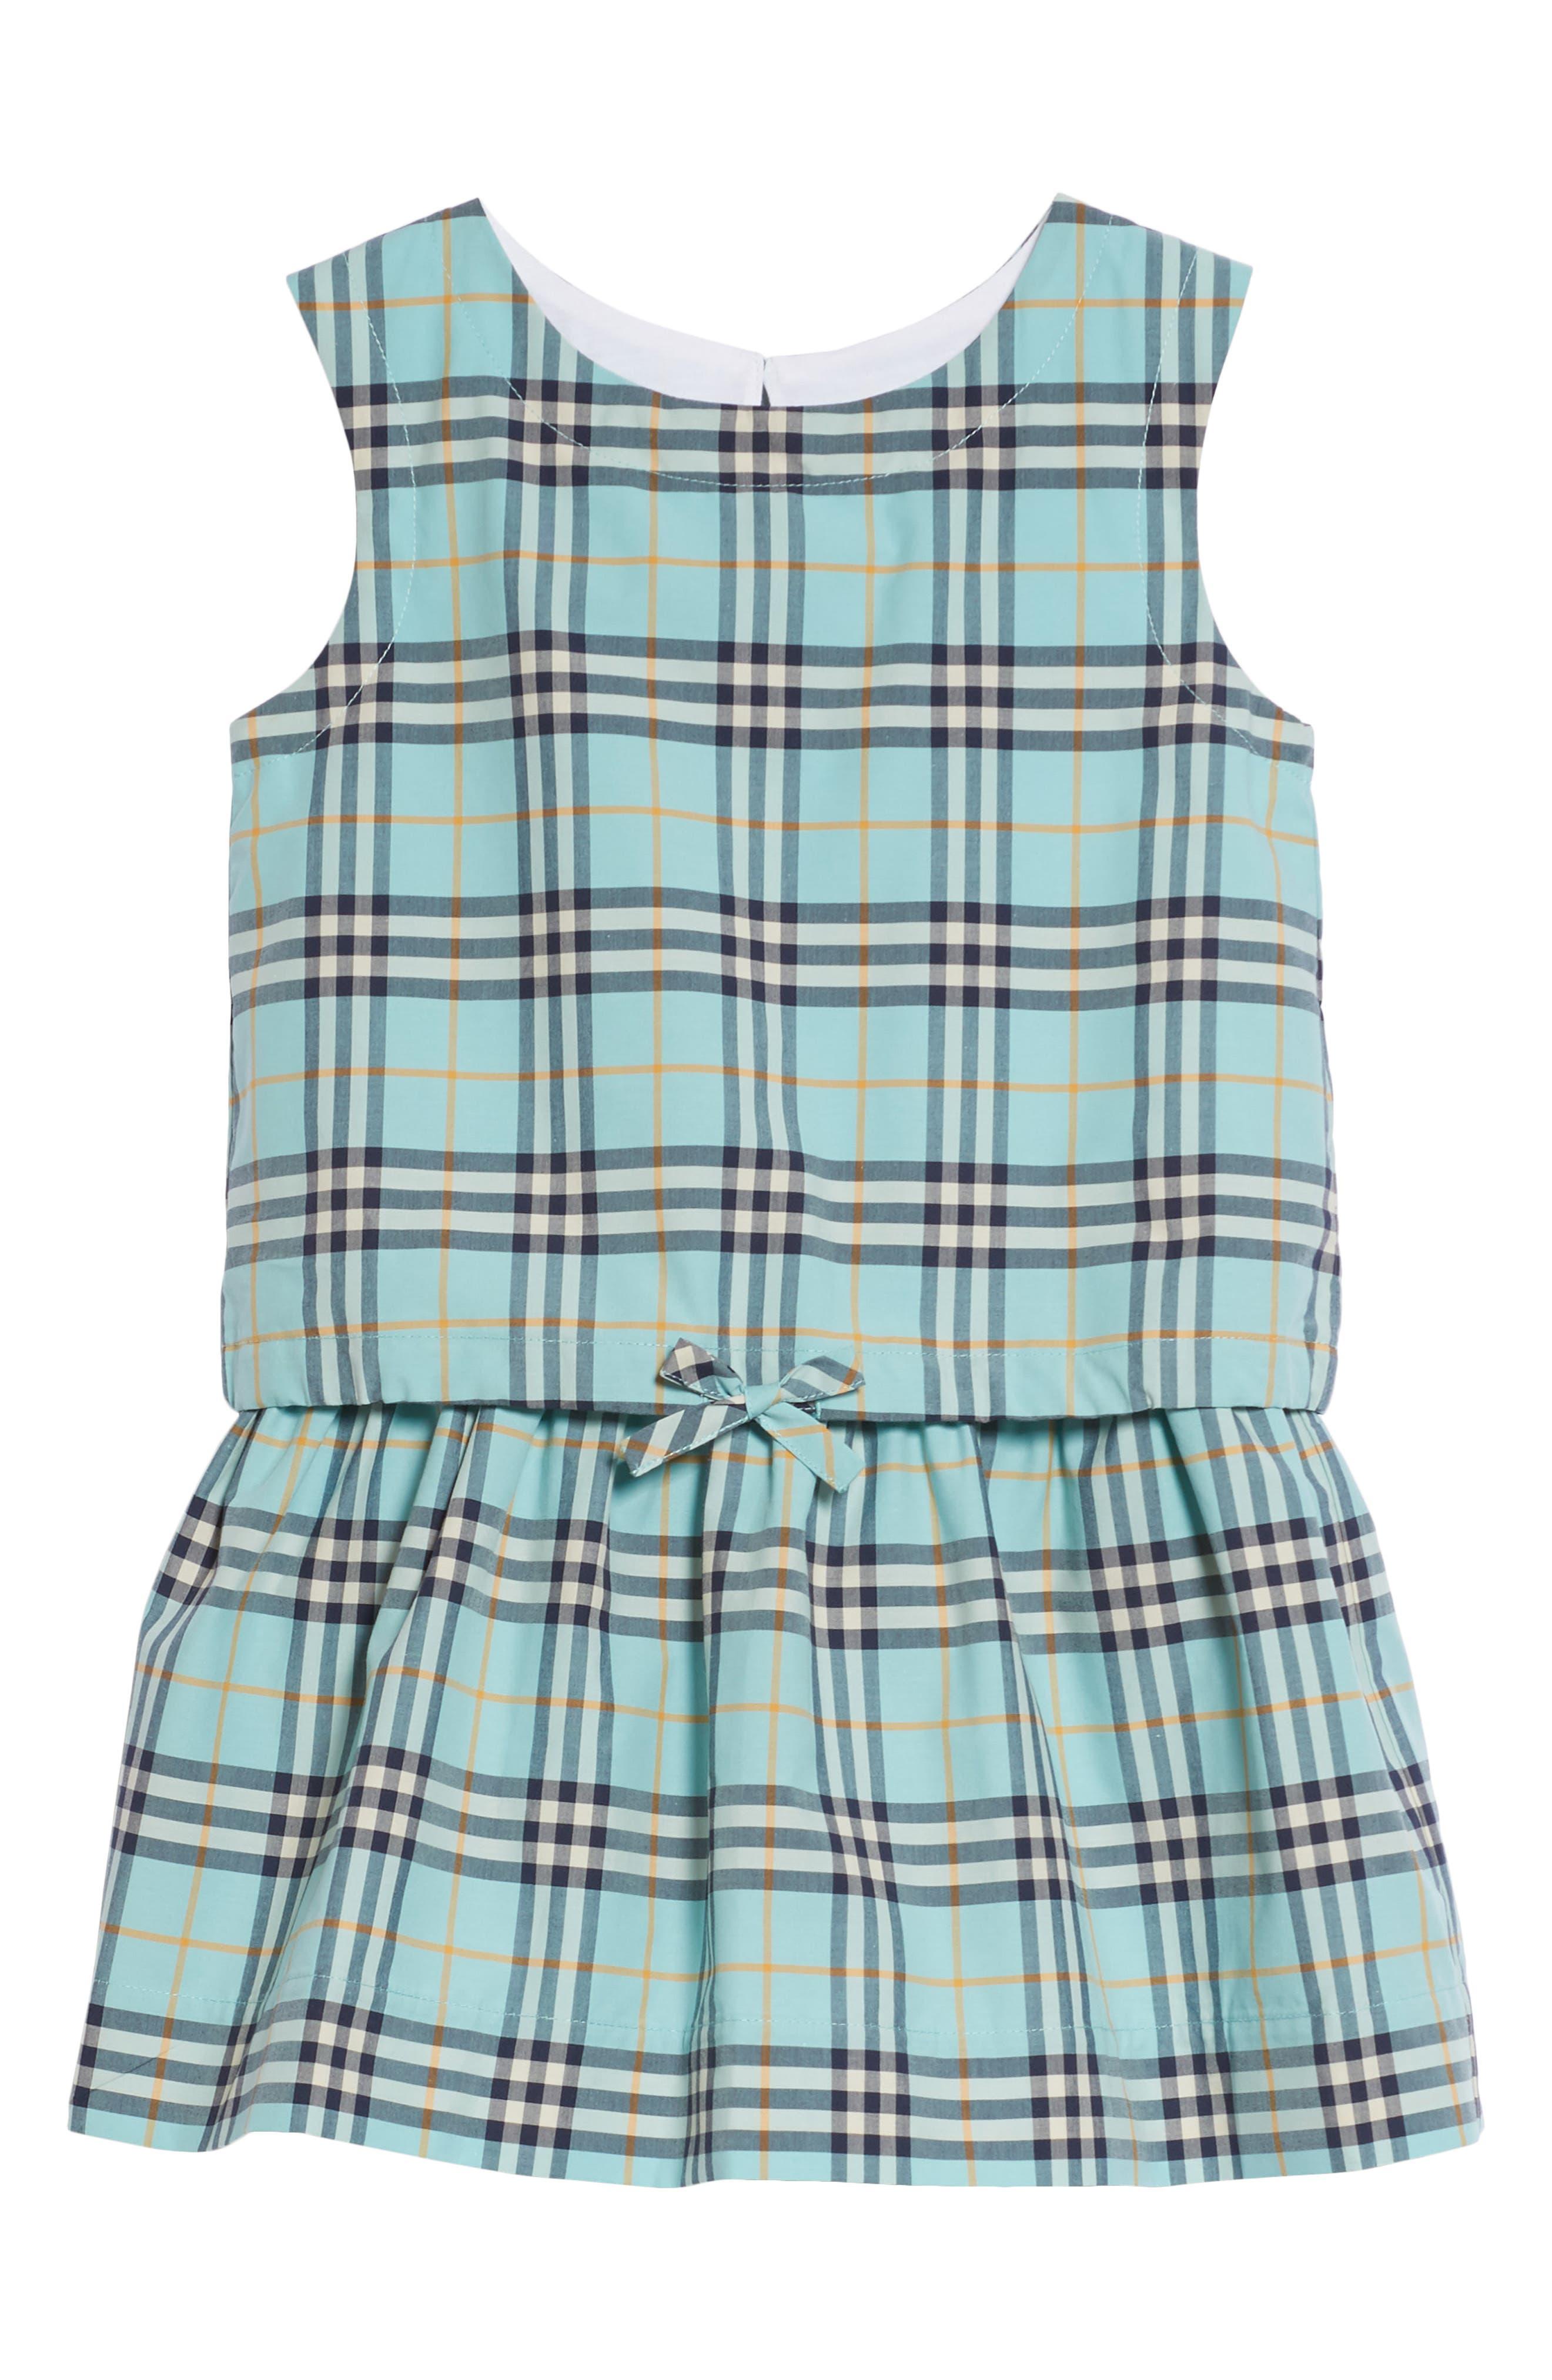 Mabel Check Dress,                             Main thumbnail 1, color,                             BRIGHT AQUA